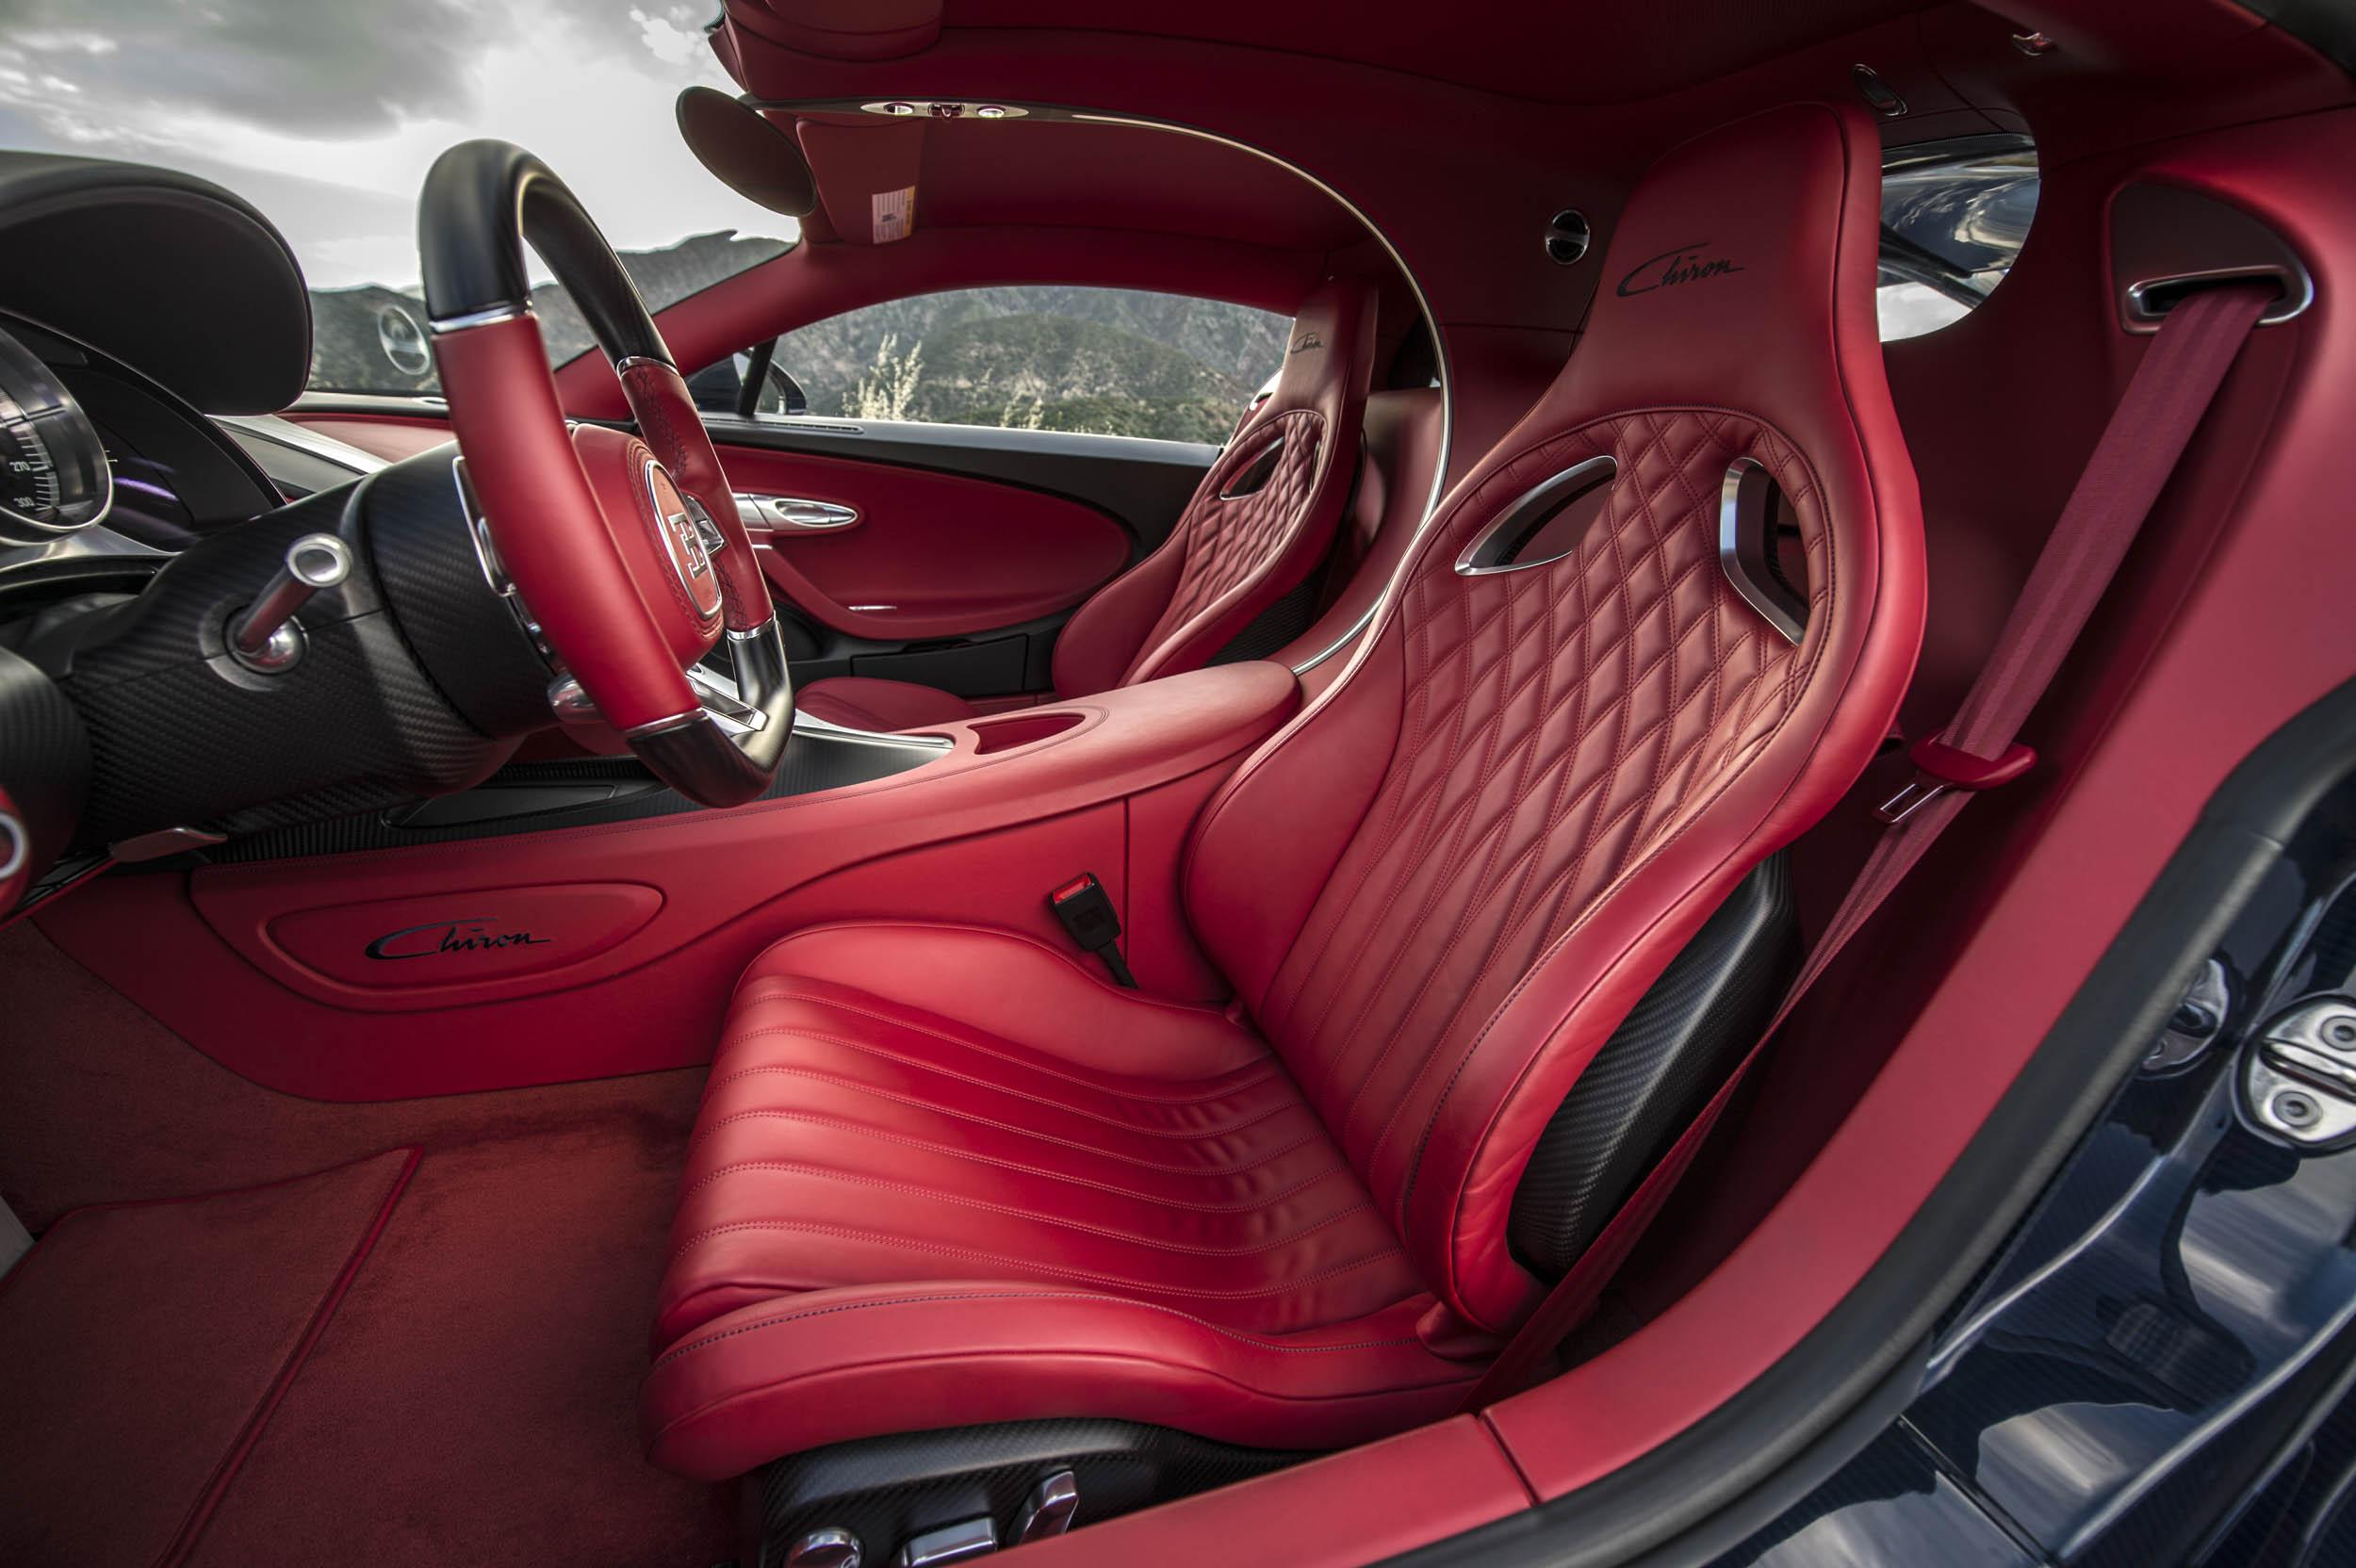 2018 Bugatti Chiron interior